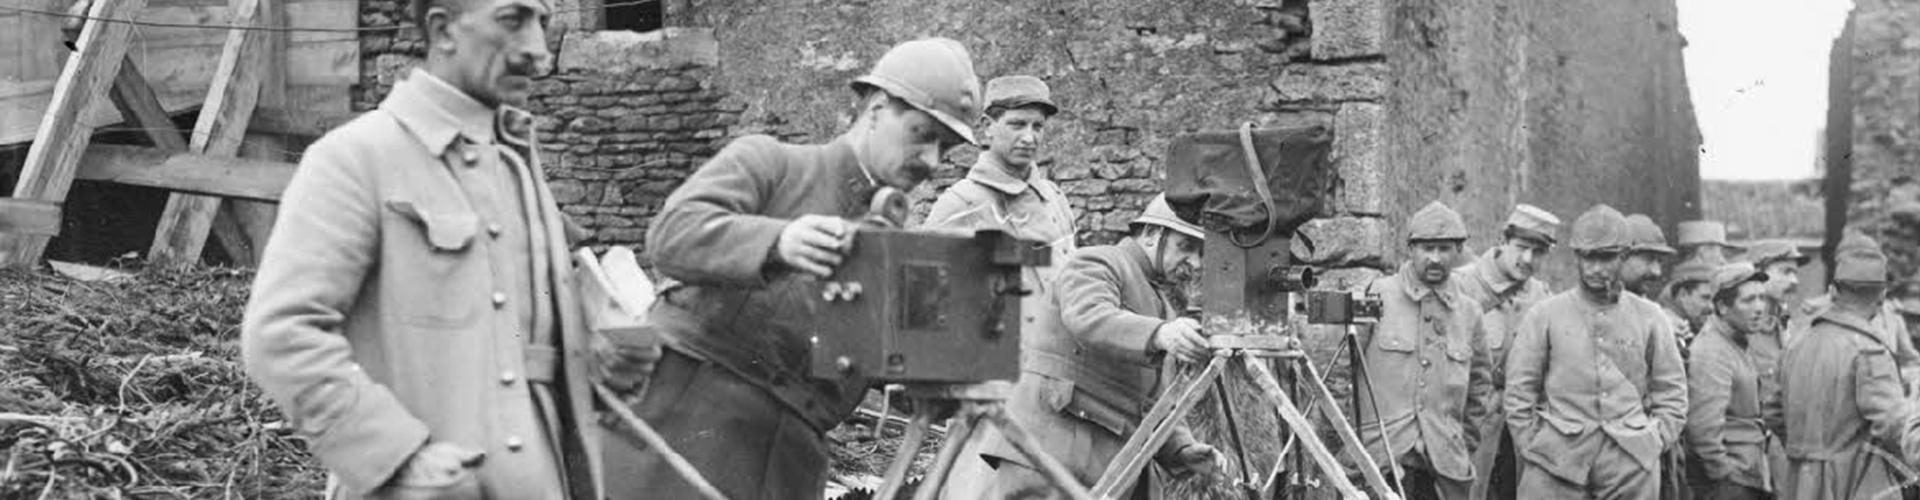 Bannière Images de guerre, guerre en images